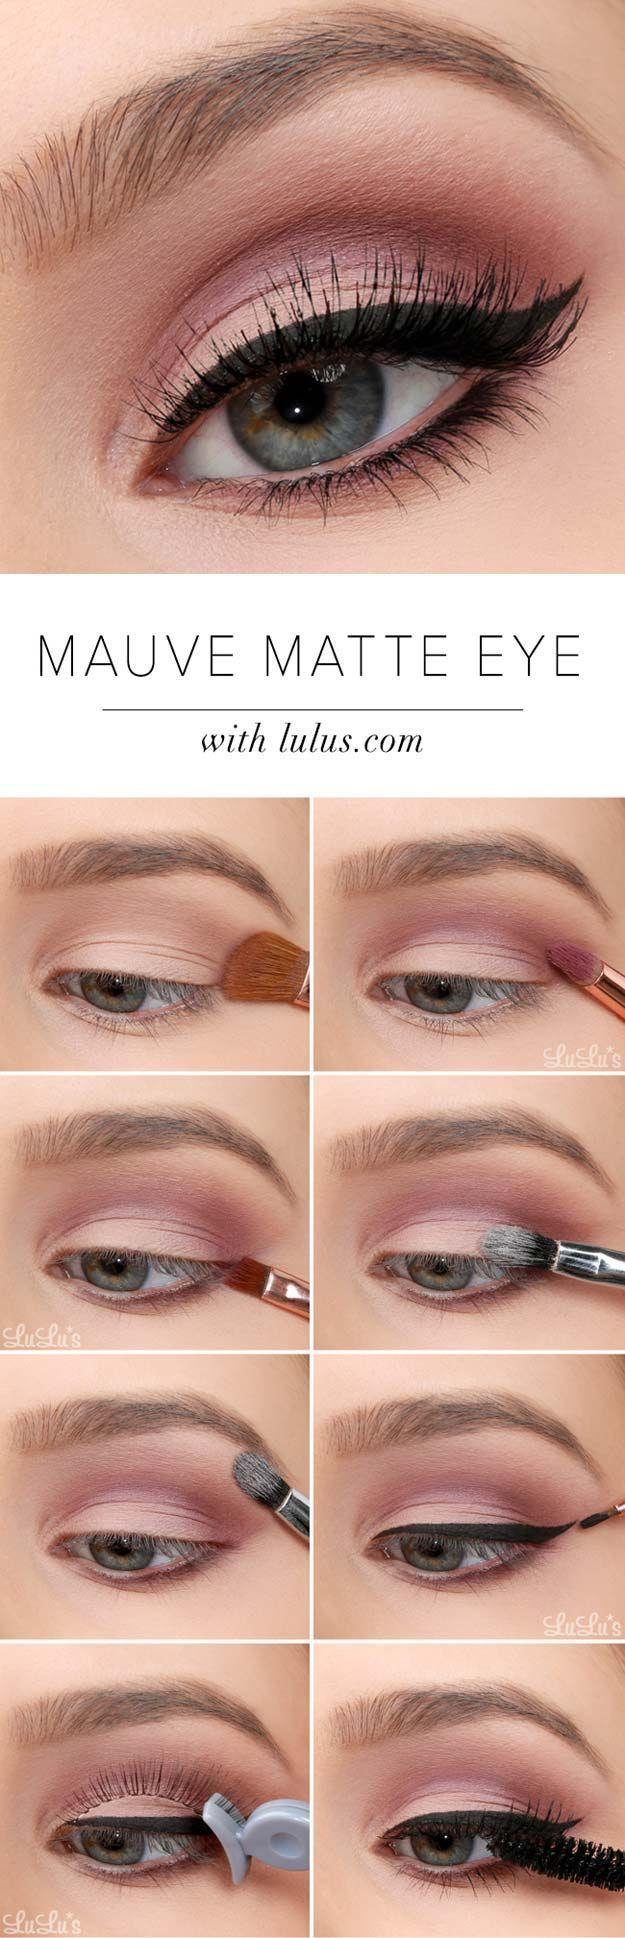 34 Sexy Eye Makeup Tutorials - The Goddess